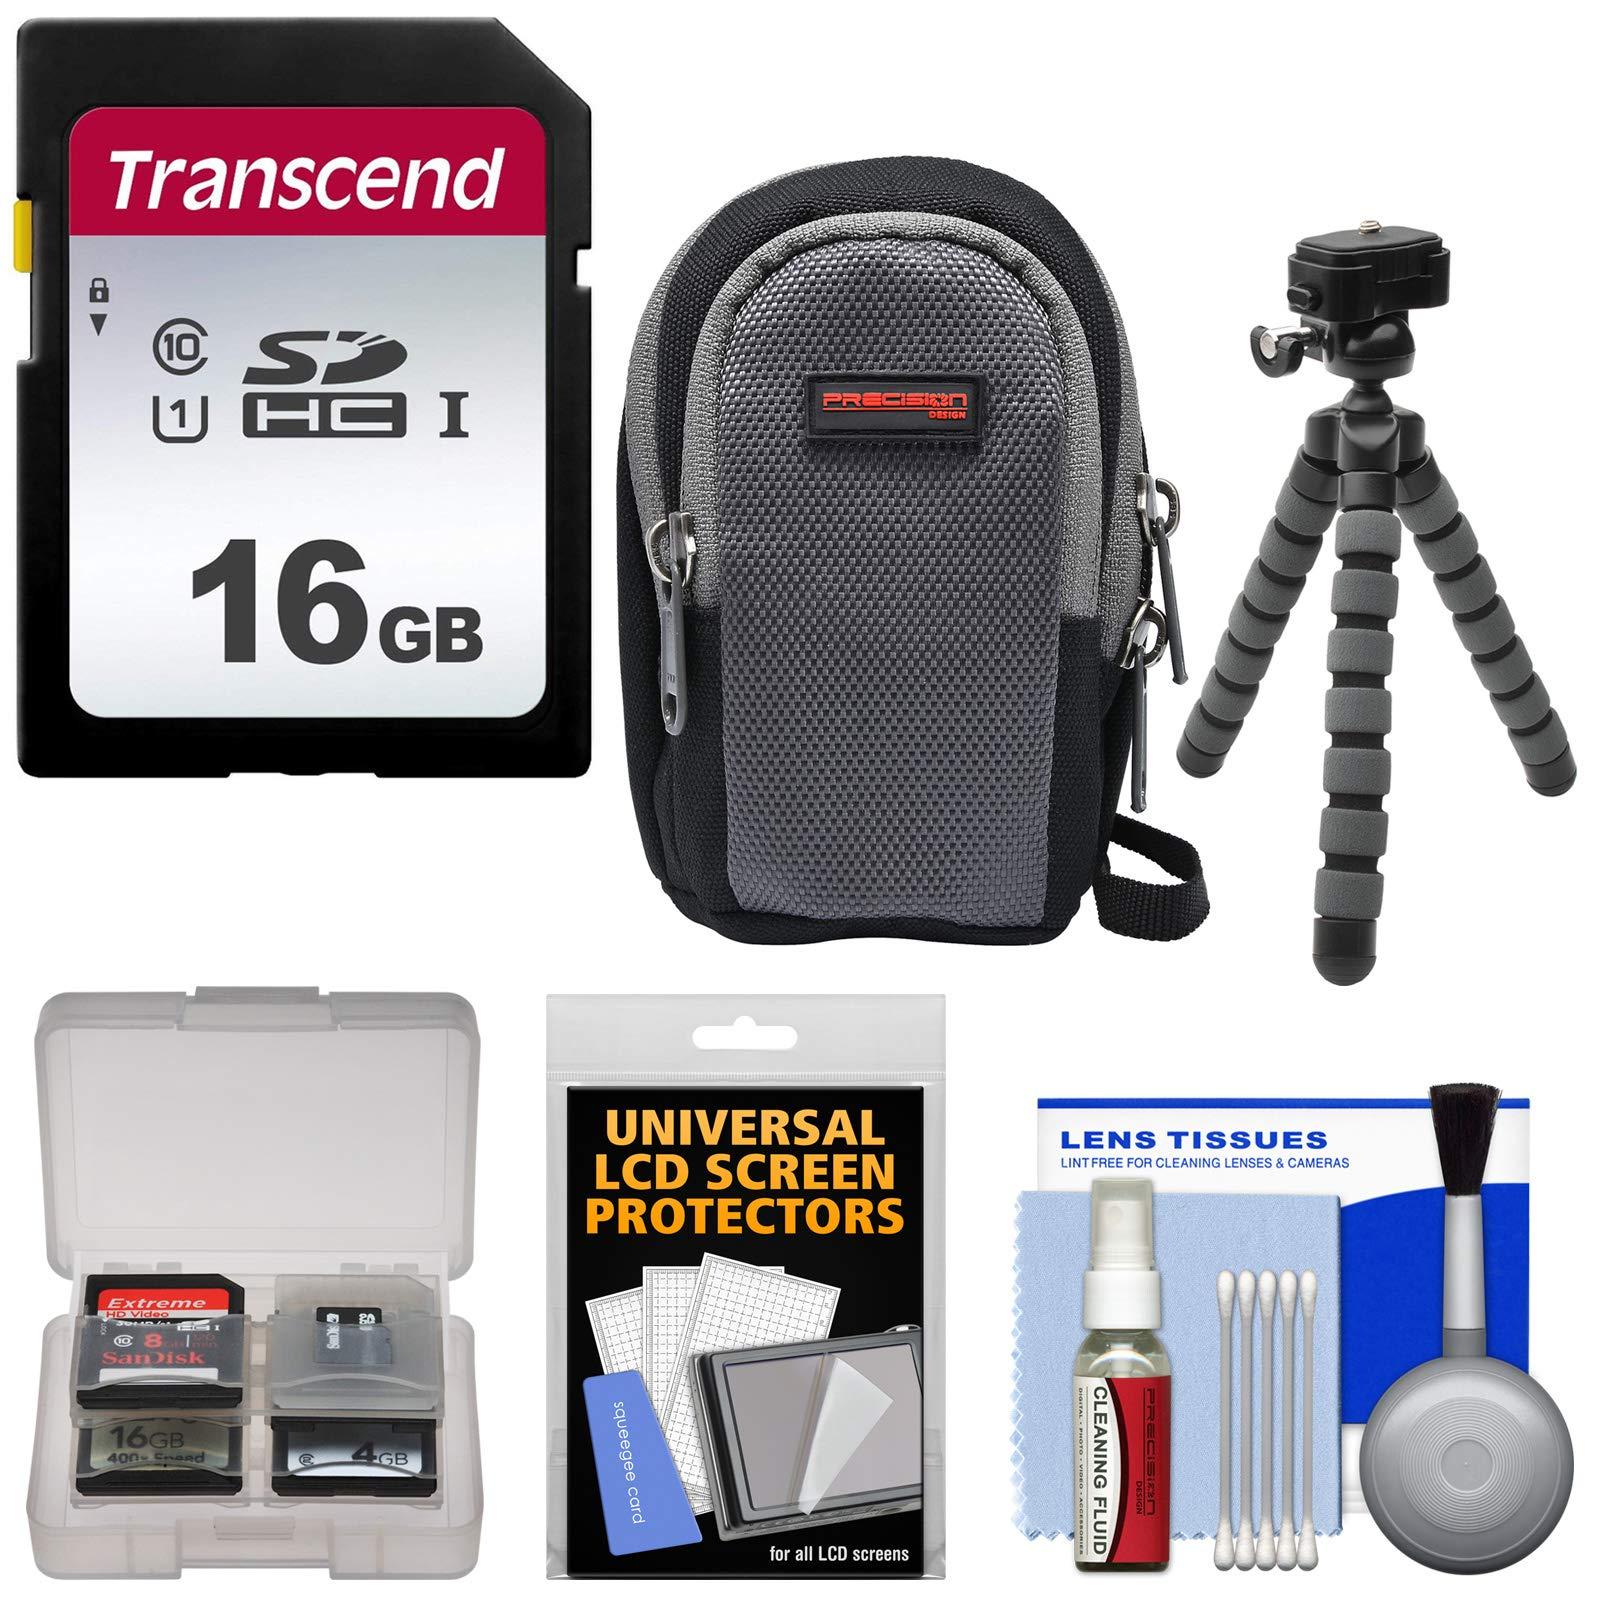 Essentials Bundle for Sony Cyber-Shot DSC-RX100 II III IV V VI Digital Cameras with 16GB Card + Case + Flex Tripod + Accessory Kit